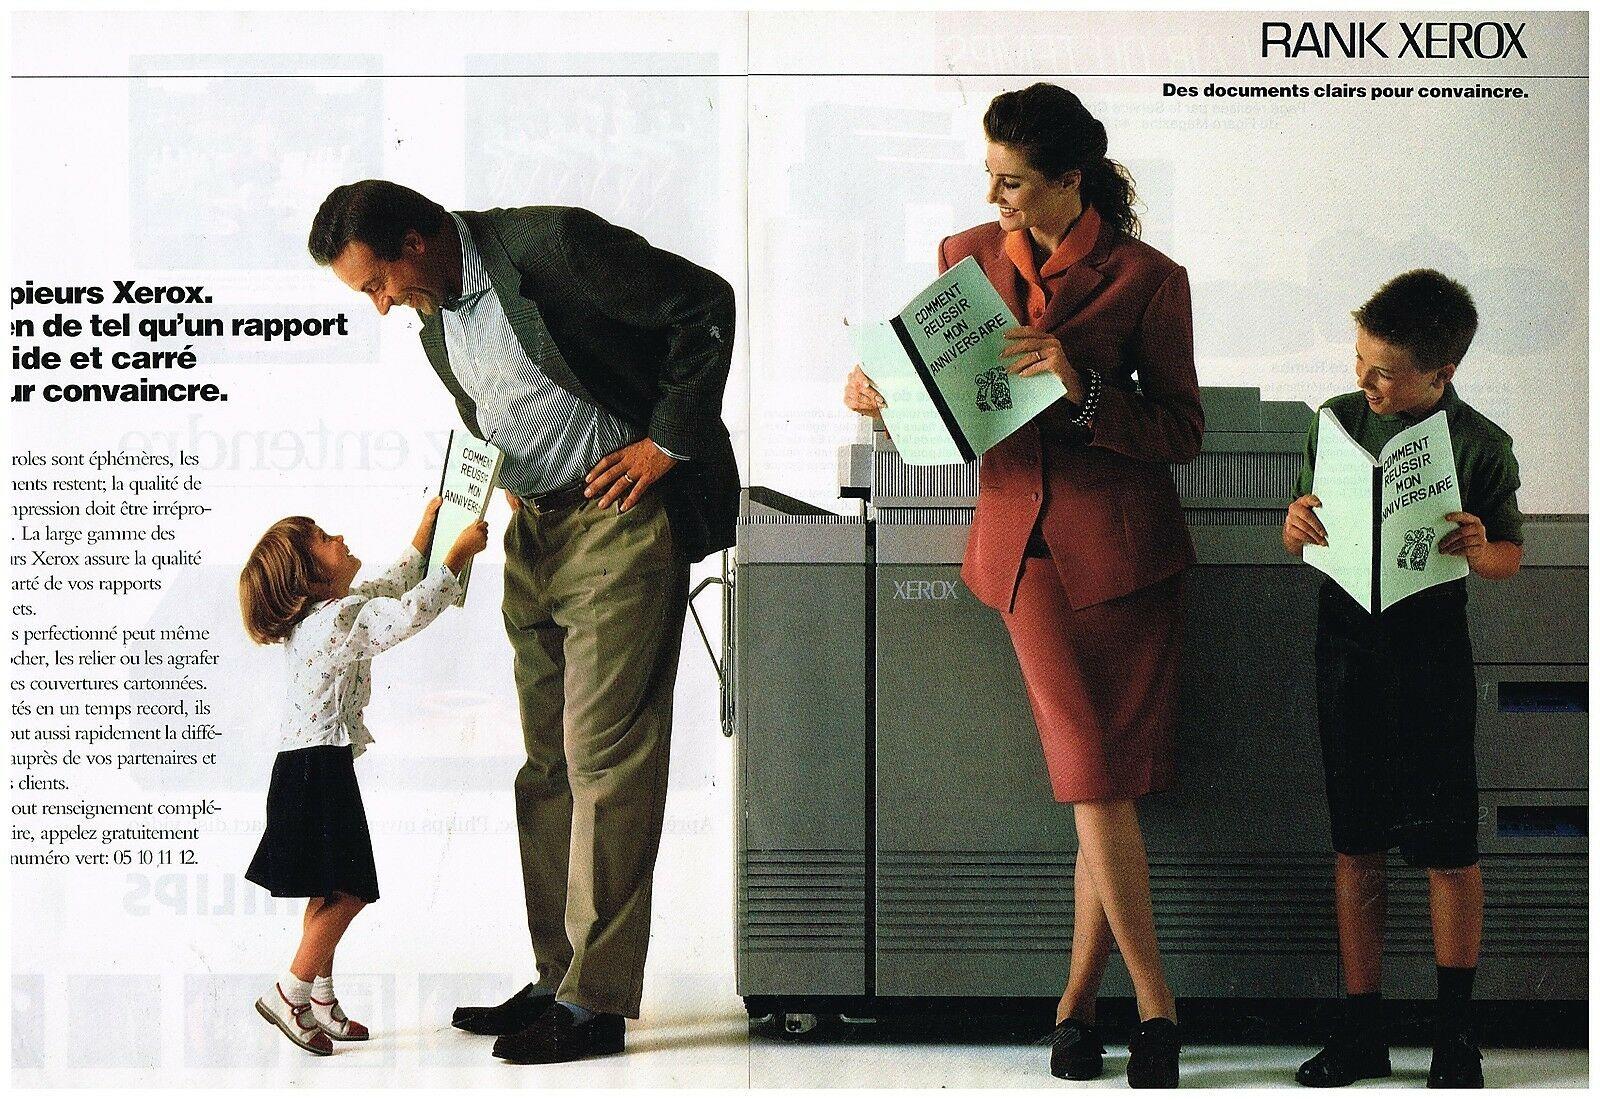 1989 Les Copieurs Rank Xerox